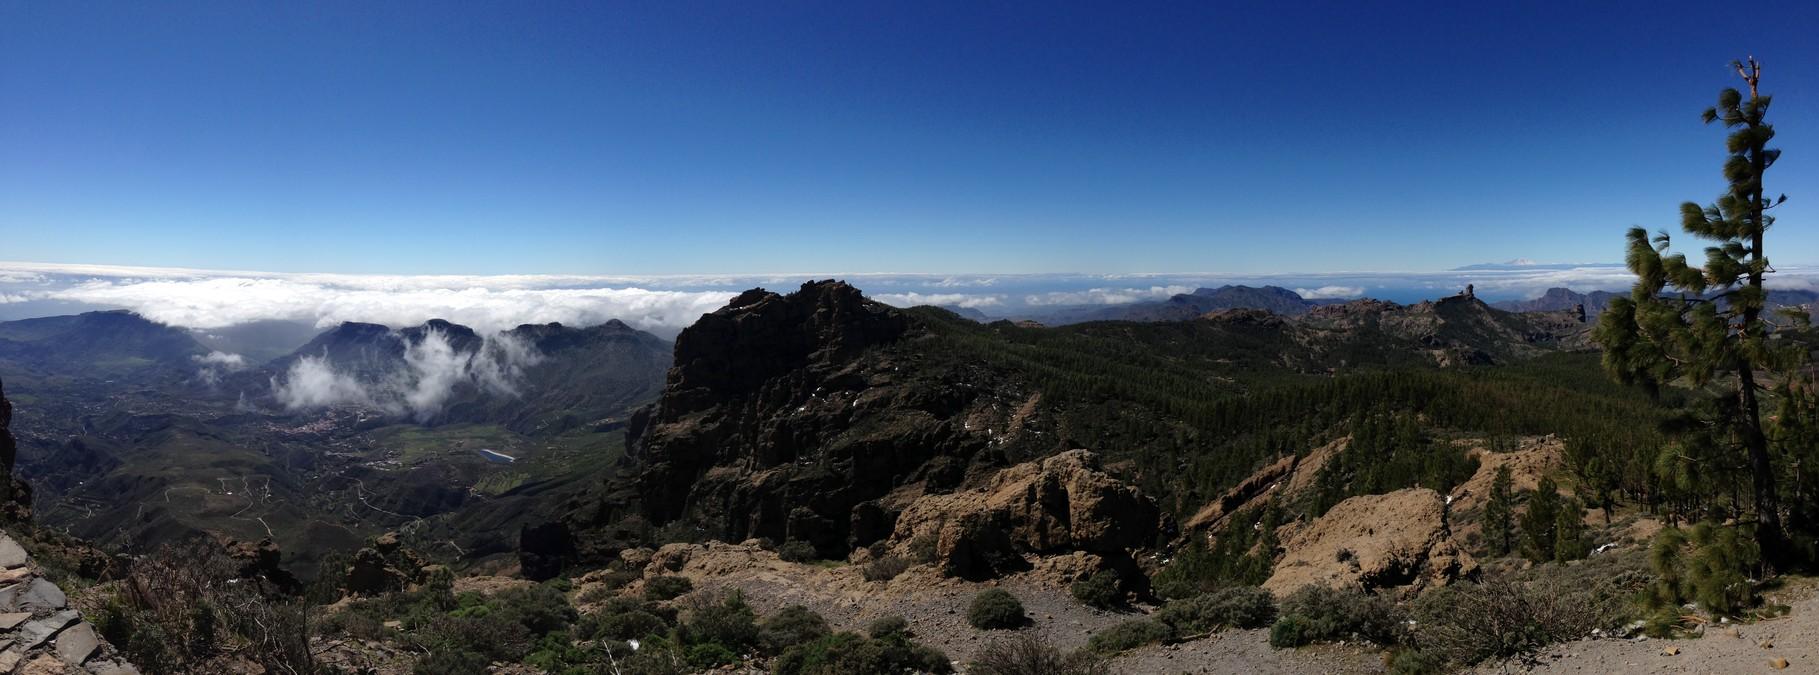 Am Horizont sieht man den Teide (Teneriffa)